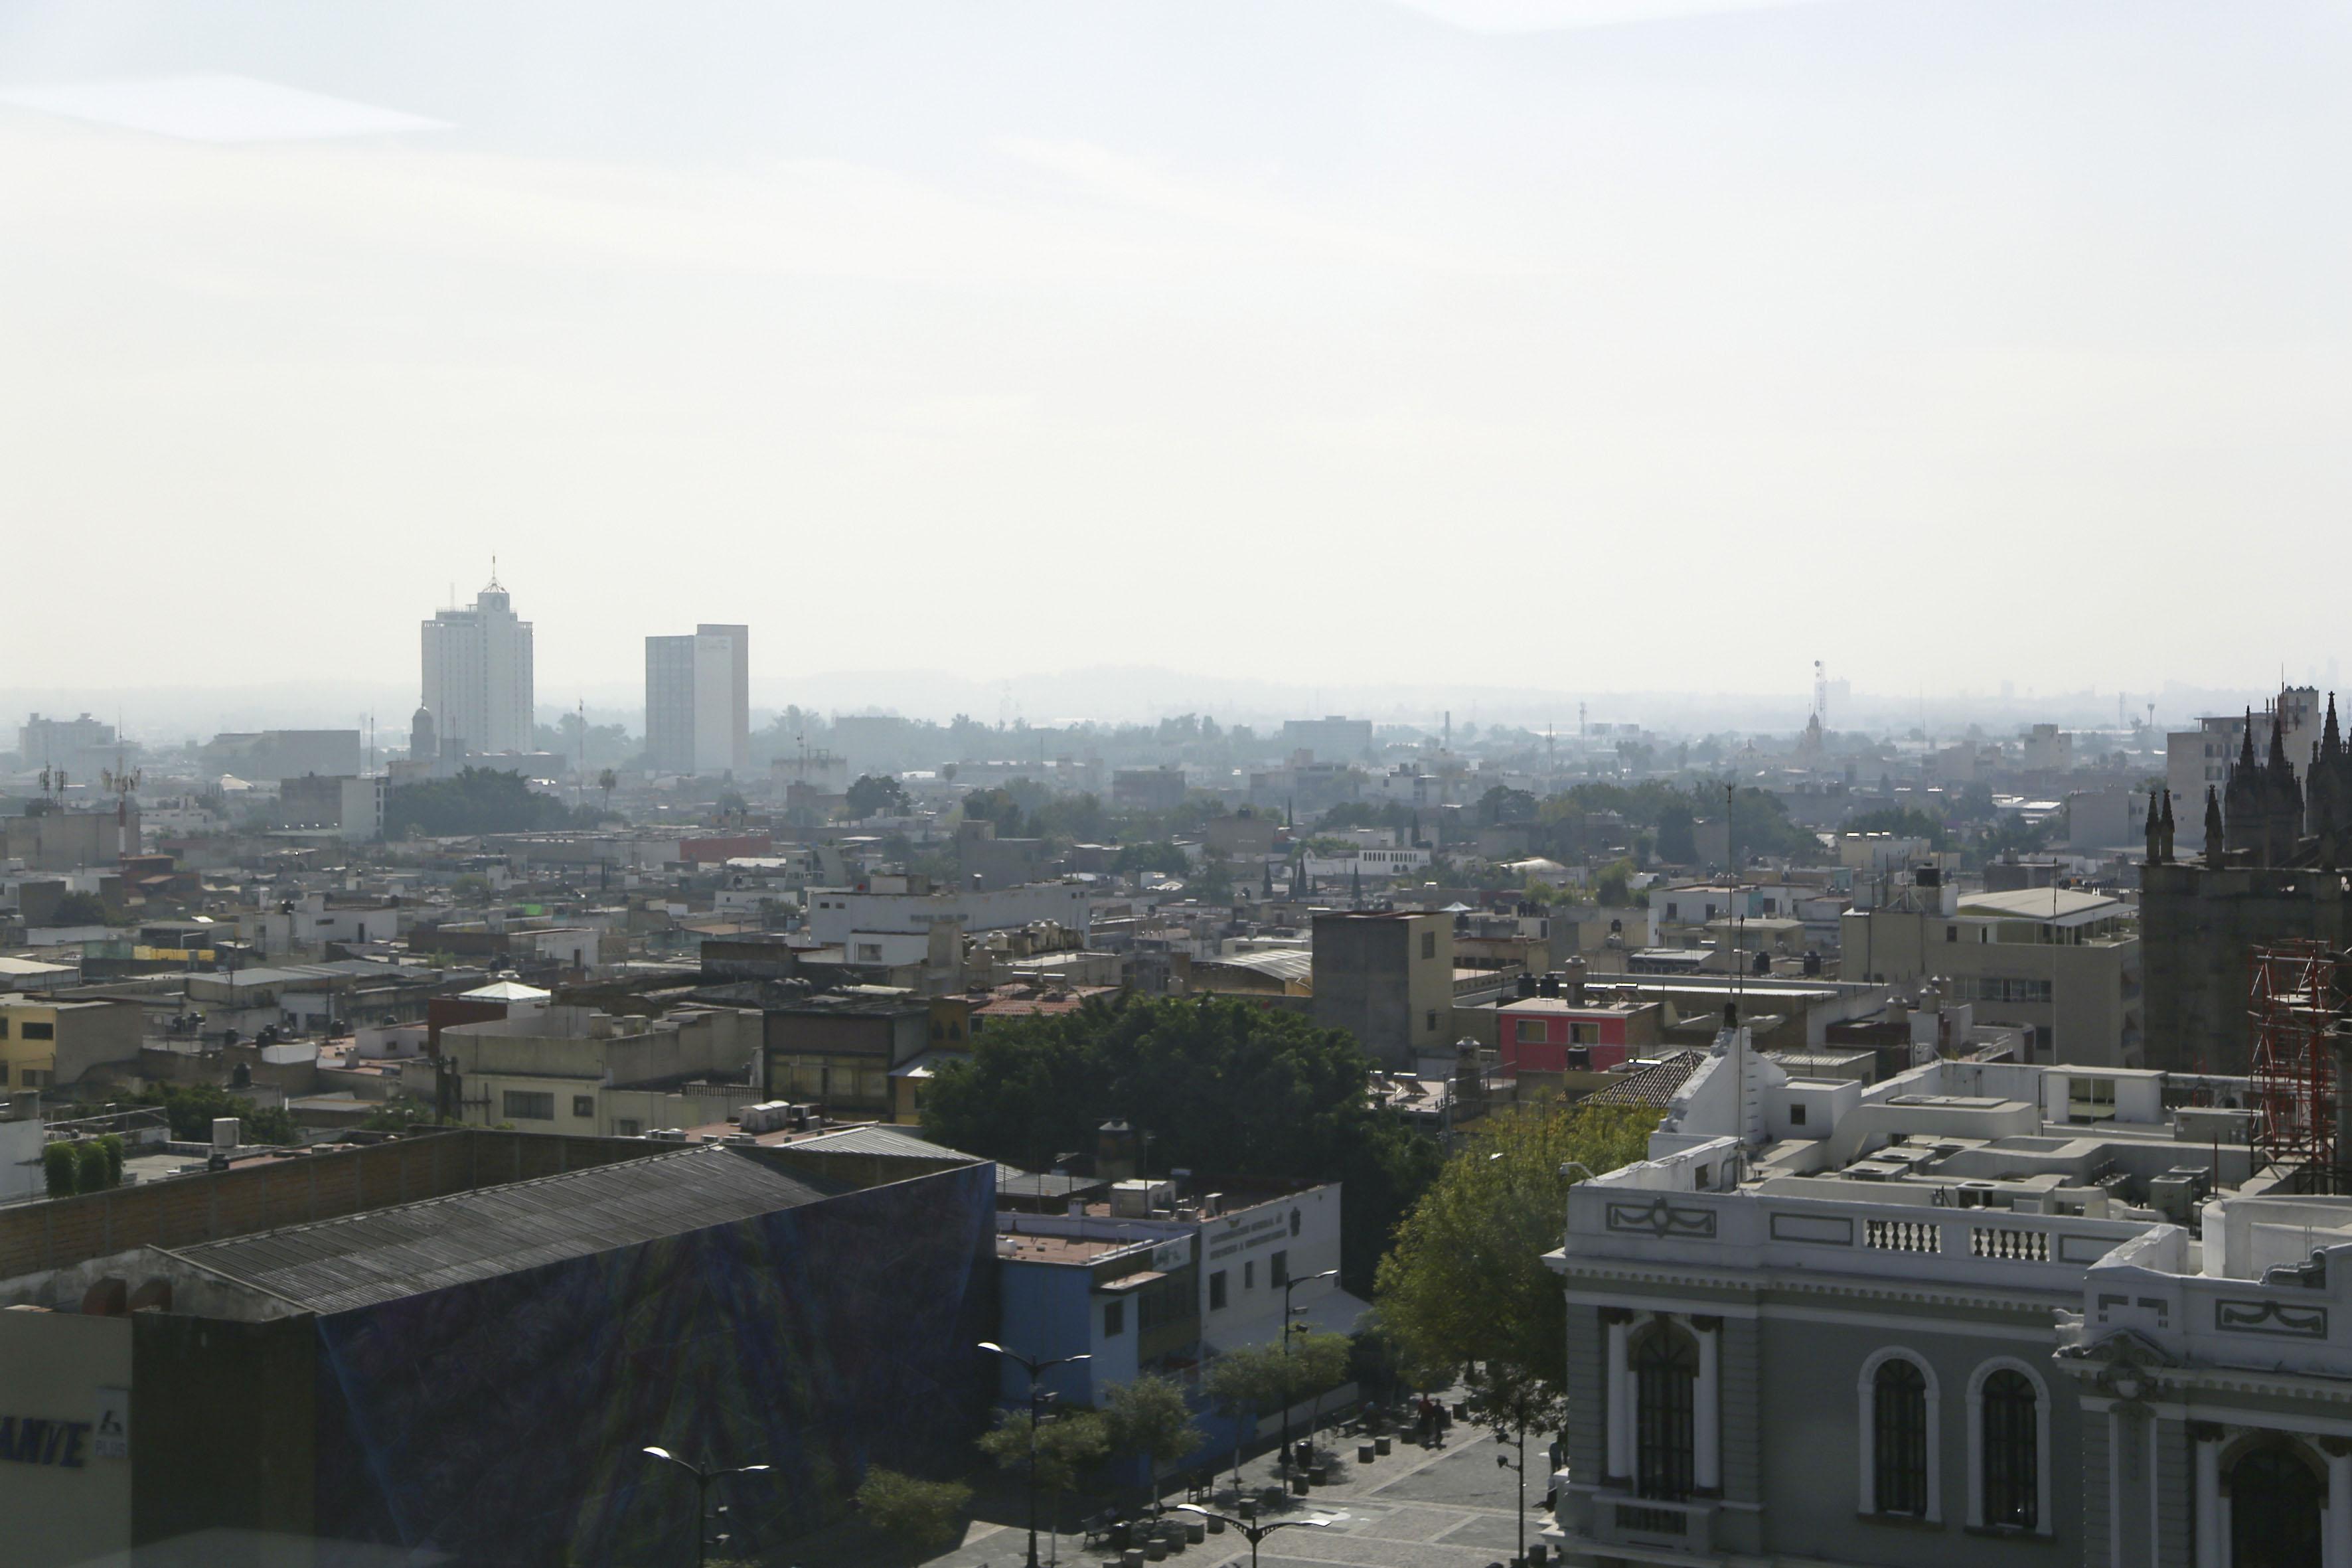 Fotografía panorámica de la ciudad de Guadalajara